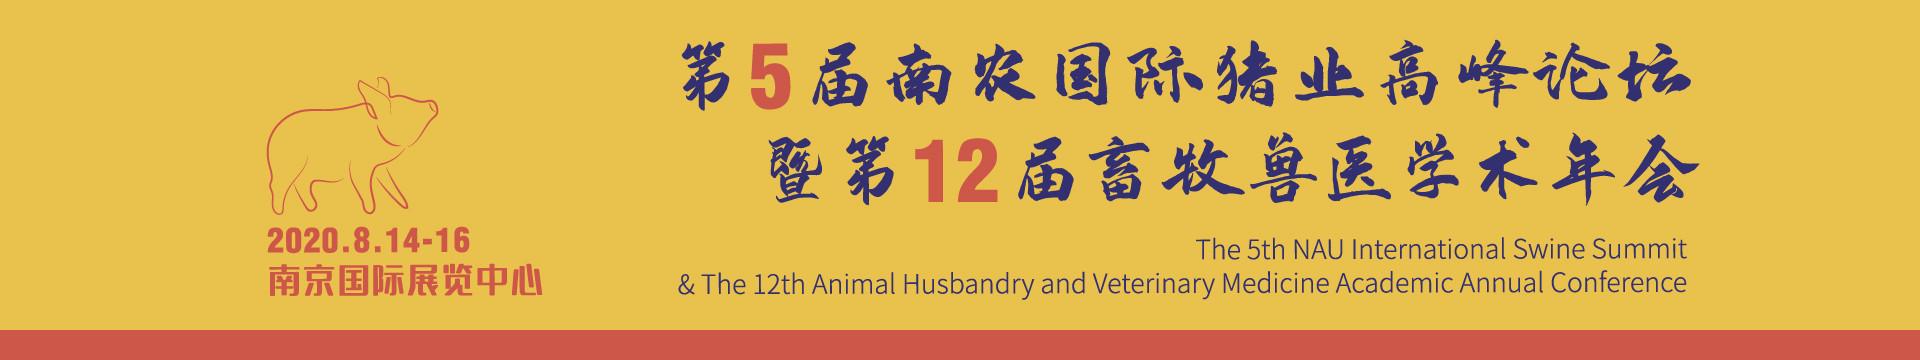 第5屆南農國際豬業高峰論壇暨第12屆畜牧獸醫學術年會